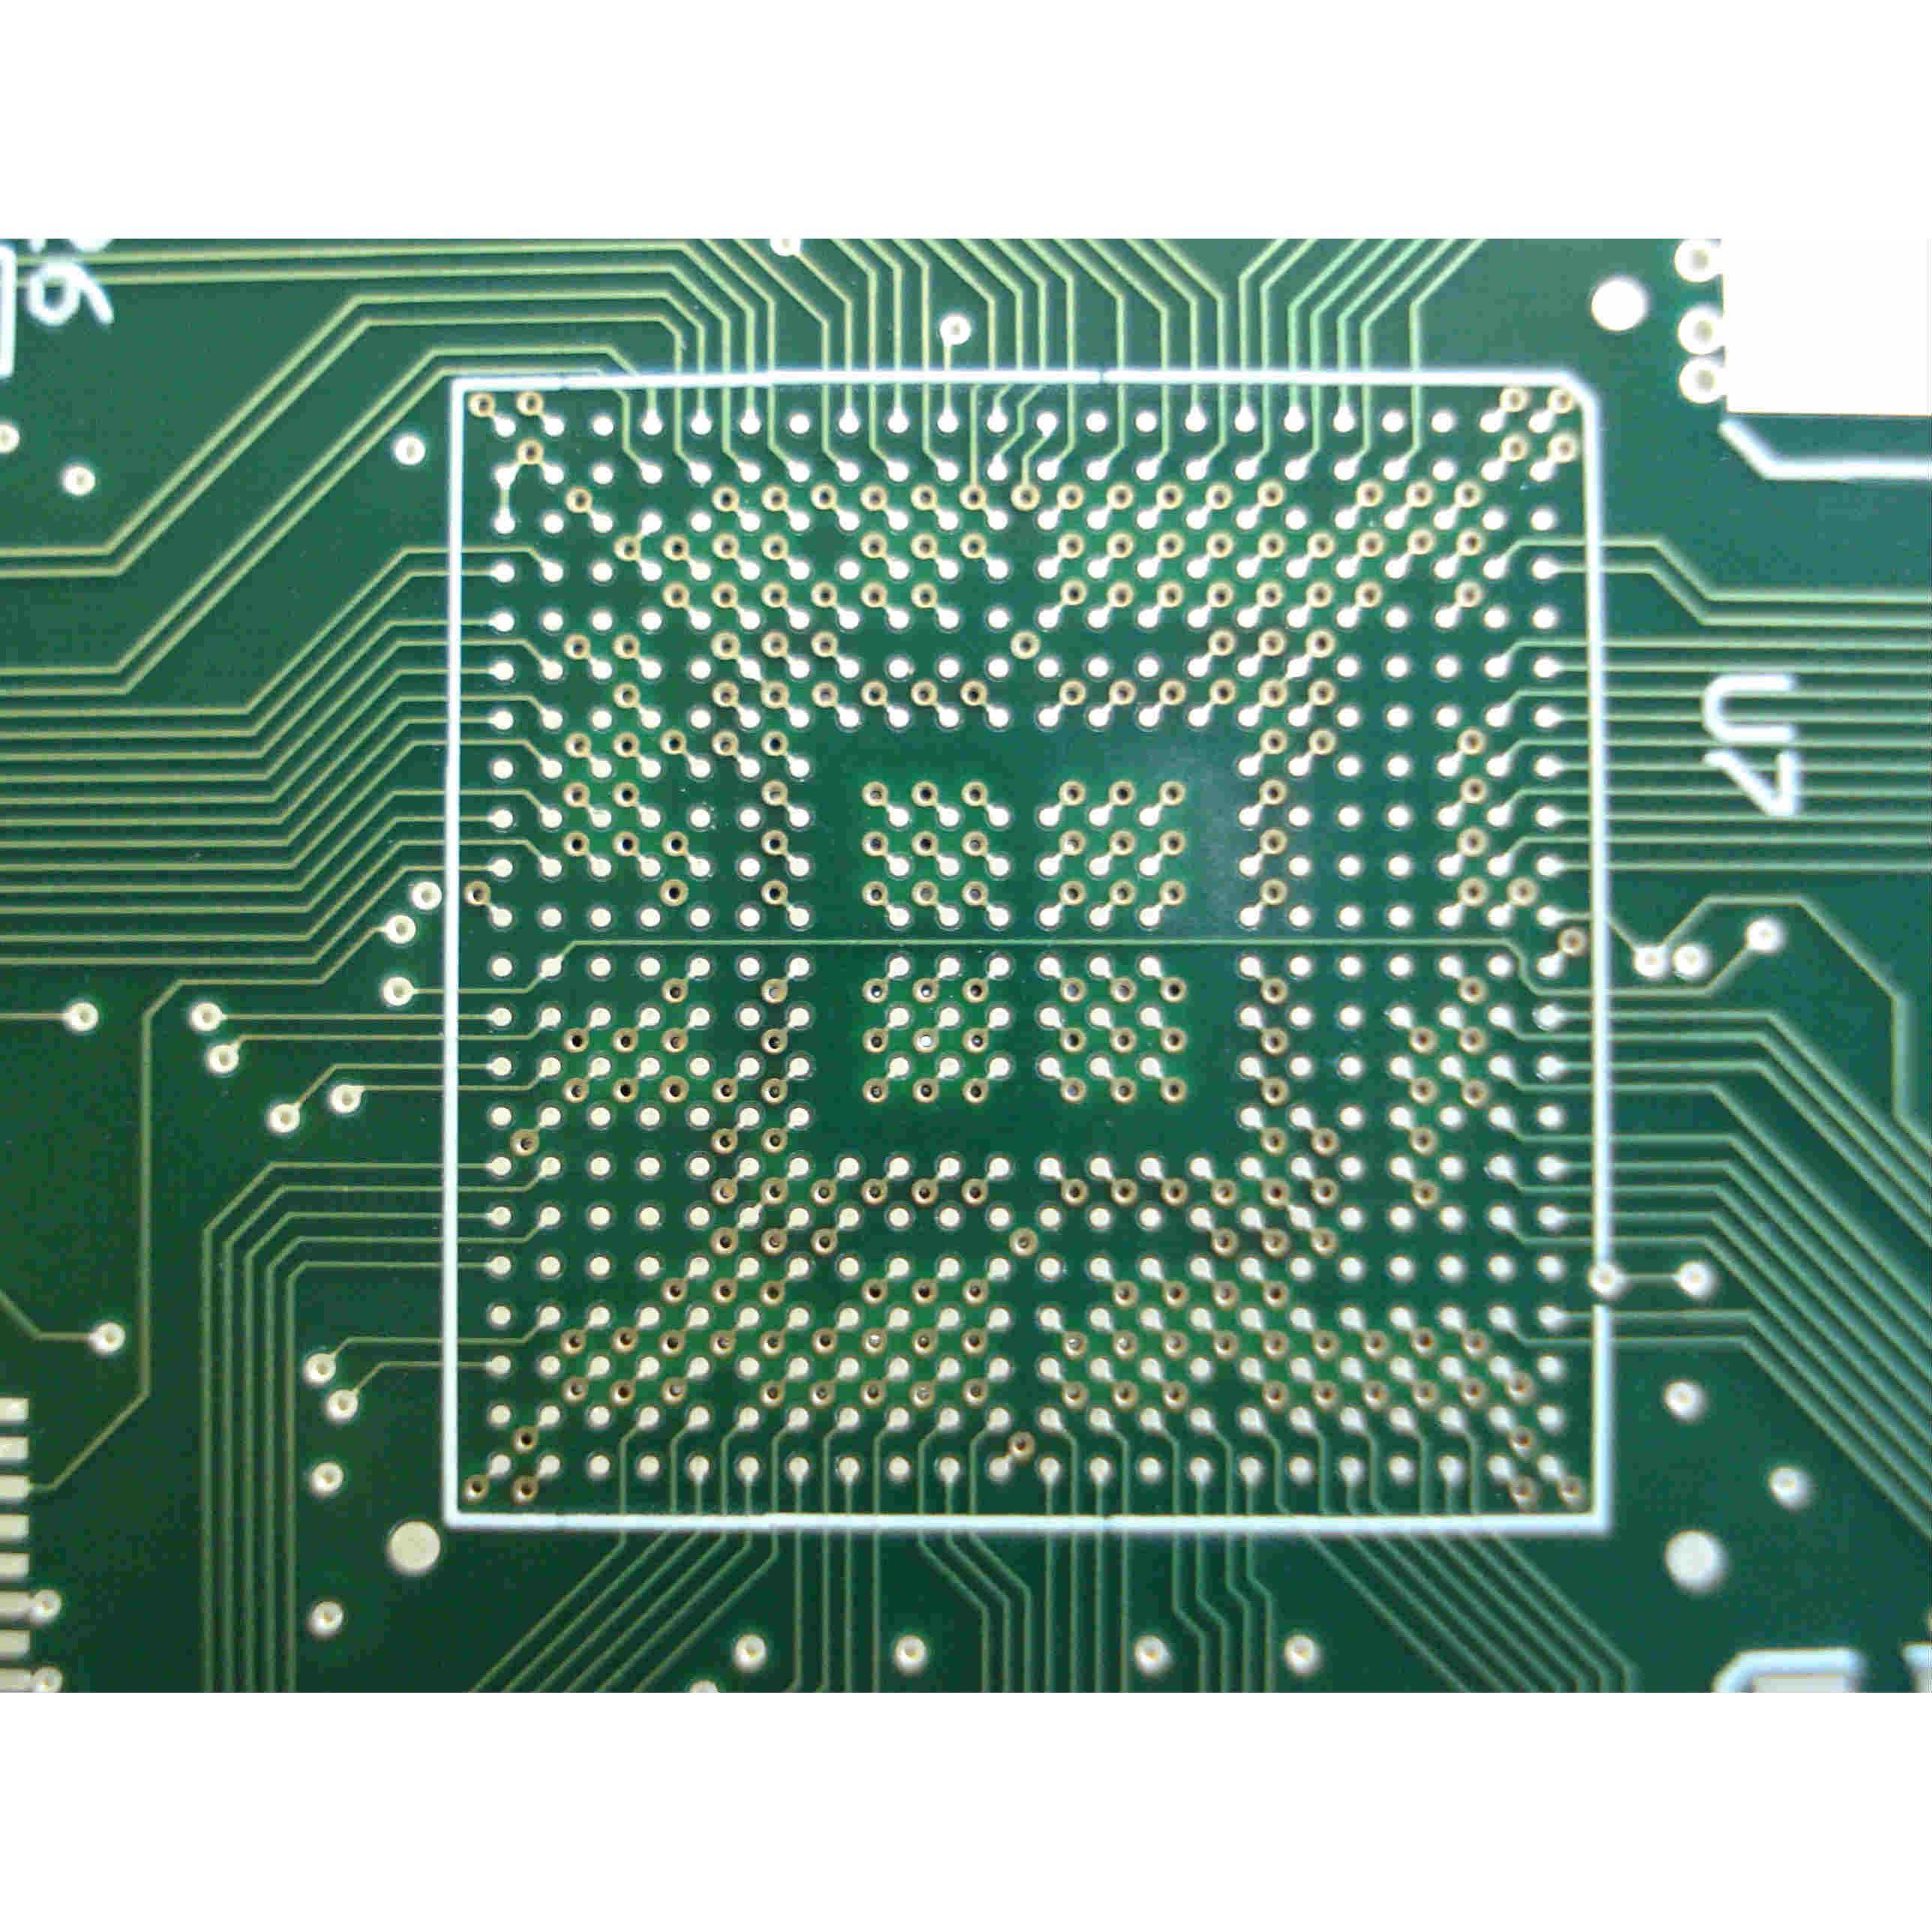 ball-grid-array-pcb